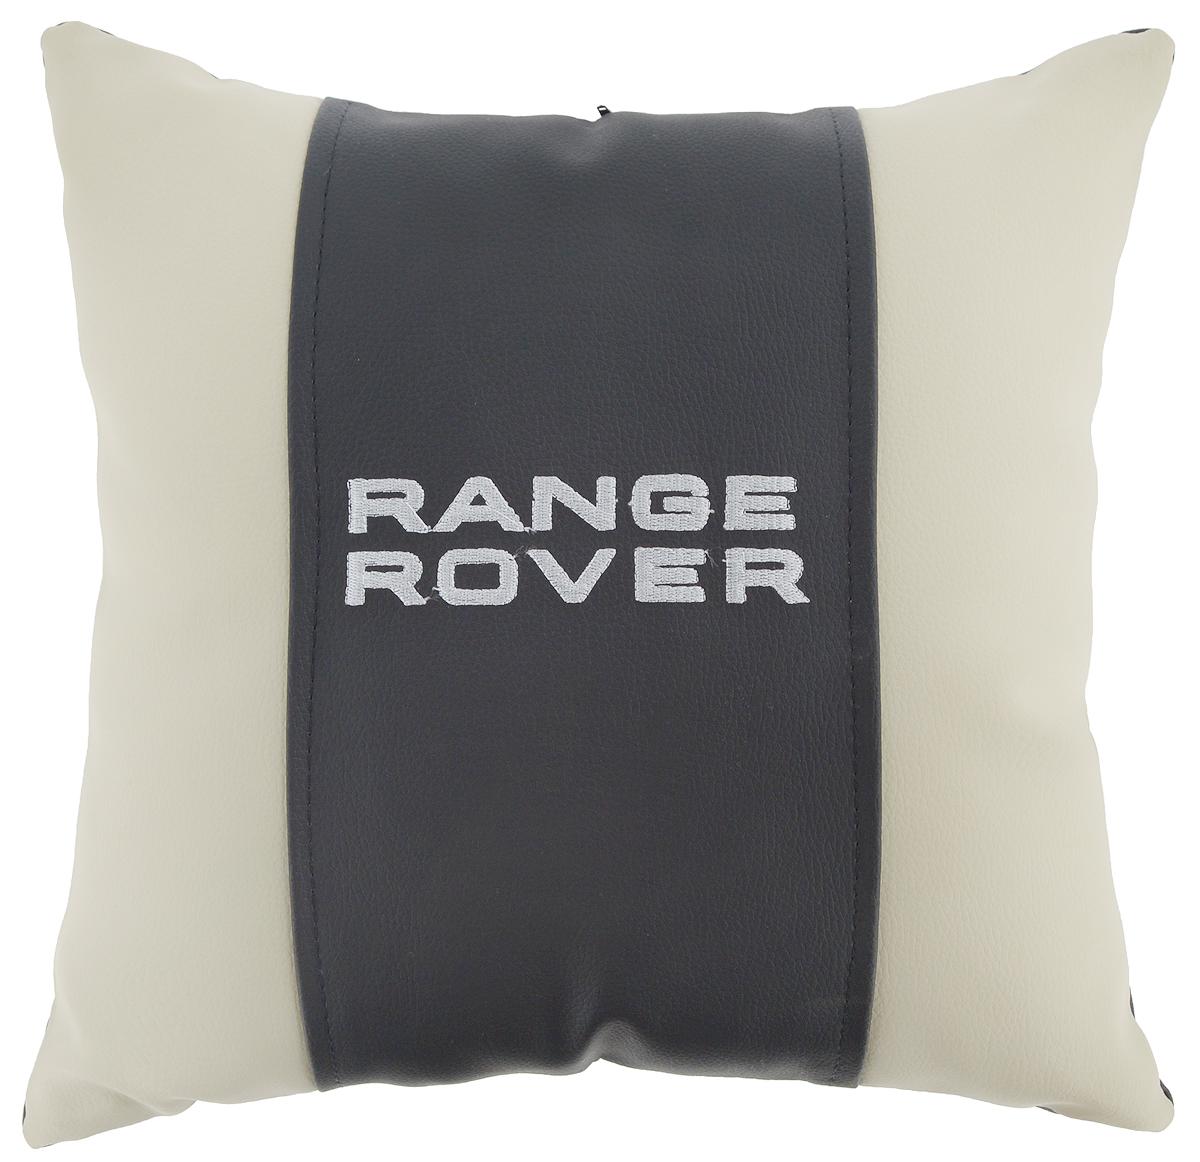 Подушка на сиденье Autoparts Range Rover, цвет: молочный, темно-серый, 30 х 30 смМ061Подушка на сиденье Autoparts Range Rover создана для тех, кто весь свой день вынужден проводить за рулем. Чехол выполнен из высококачественной дышащей экокожи. Наполнителем служит холлофайбер. На задней части подушки имеется змейка.Особенности подушки:- Хорошо проветривается.- Предупреждает потение.- Поддерживает комфортную температуру.- Обминается по форме тела.- Улучшает кровообращение.- Исключает затечные явления.- Предупреждает развитие заболеваний, связанных с сидячим образом жизни. Подушка также будет полезна и дома - при работе за компьютером, школьникам - при выполнении домашних работ, да и в любимом кресле перед телевизором.